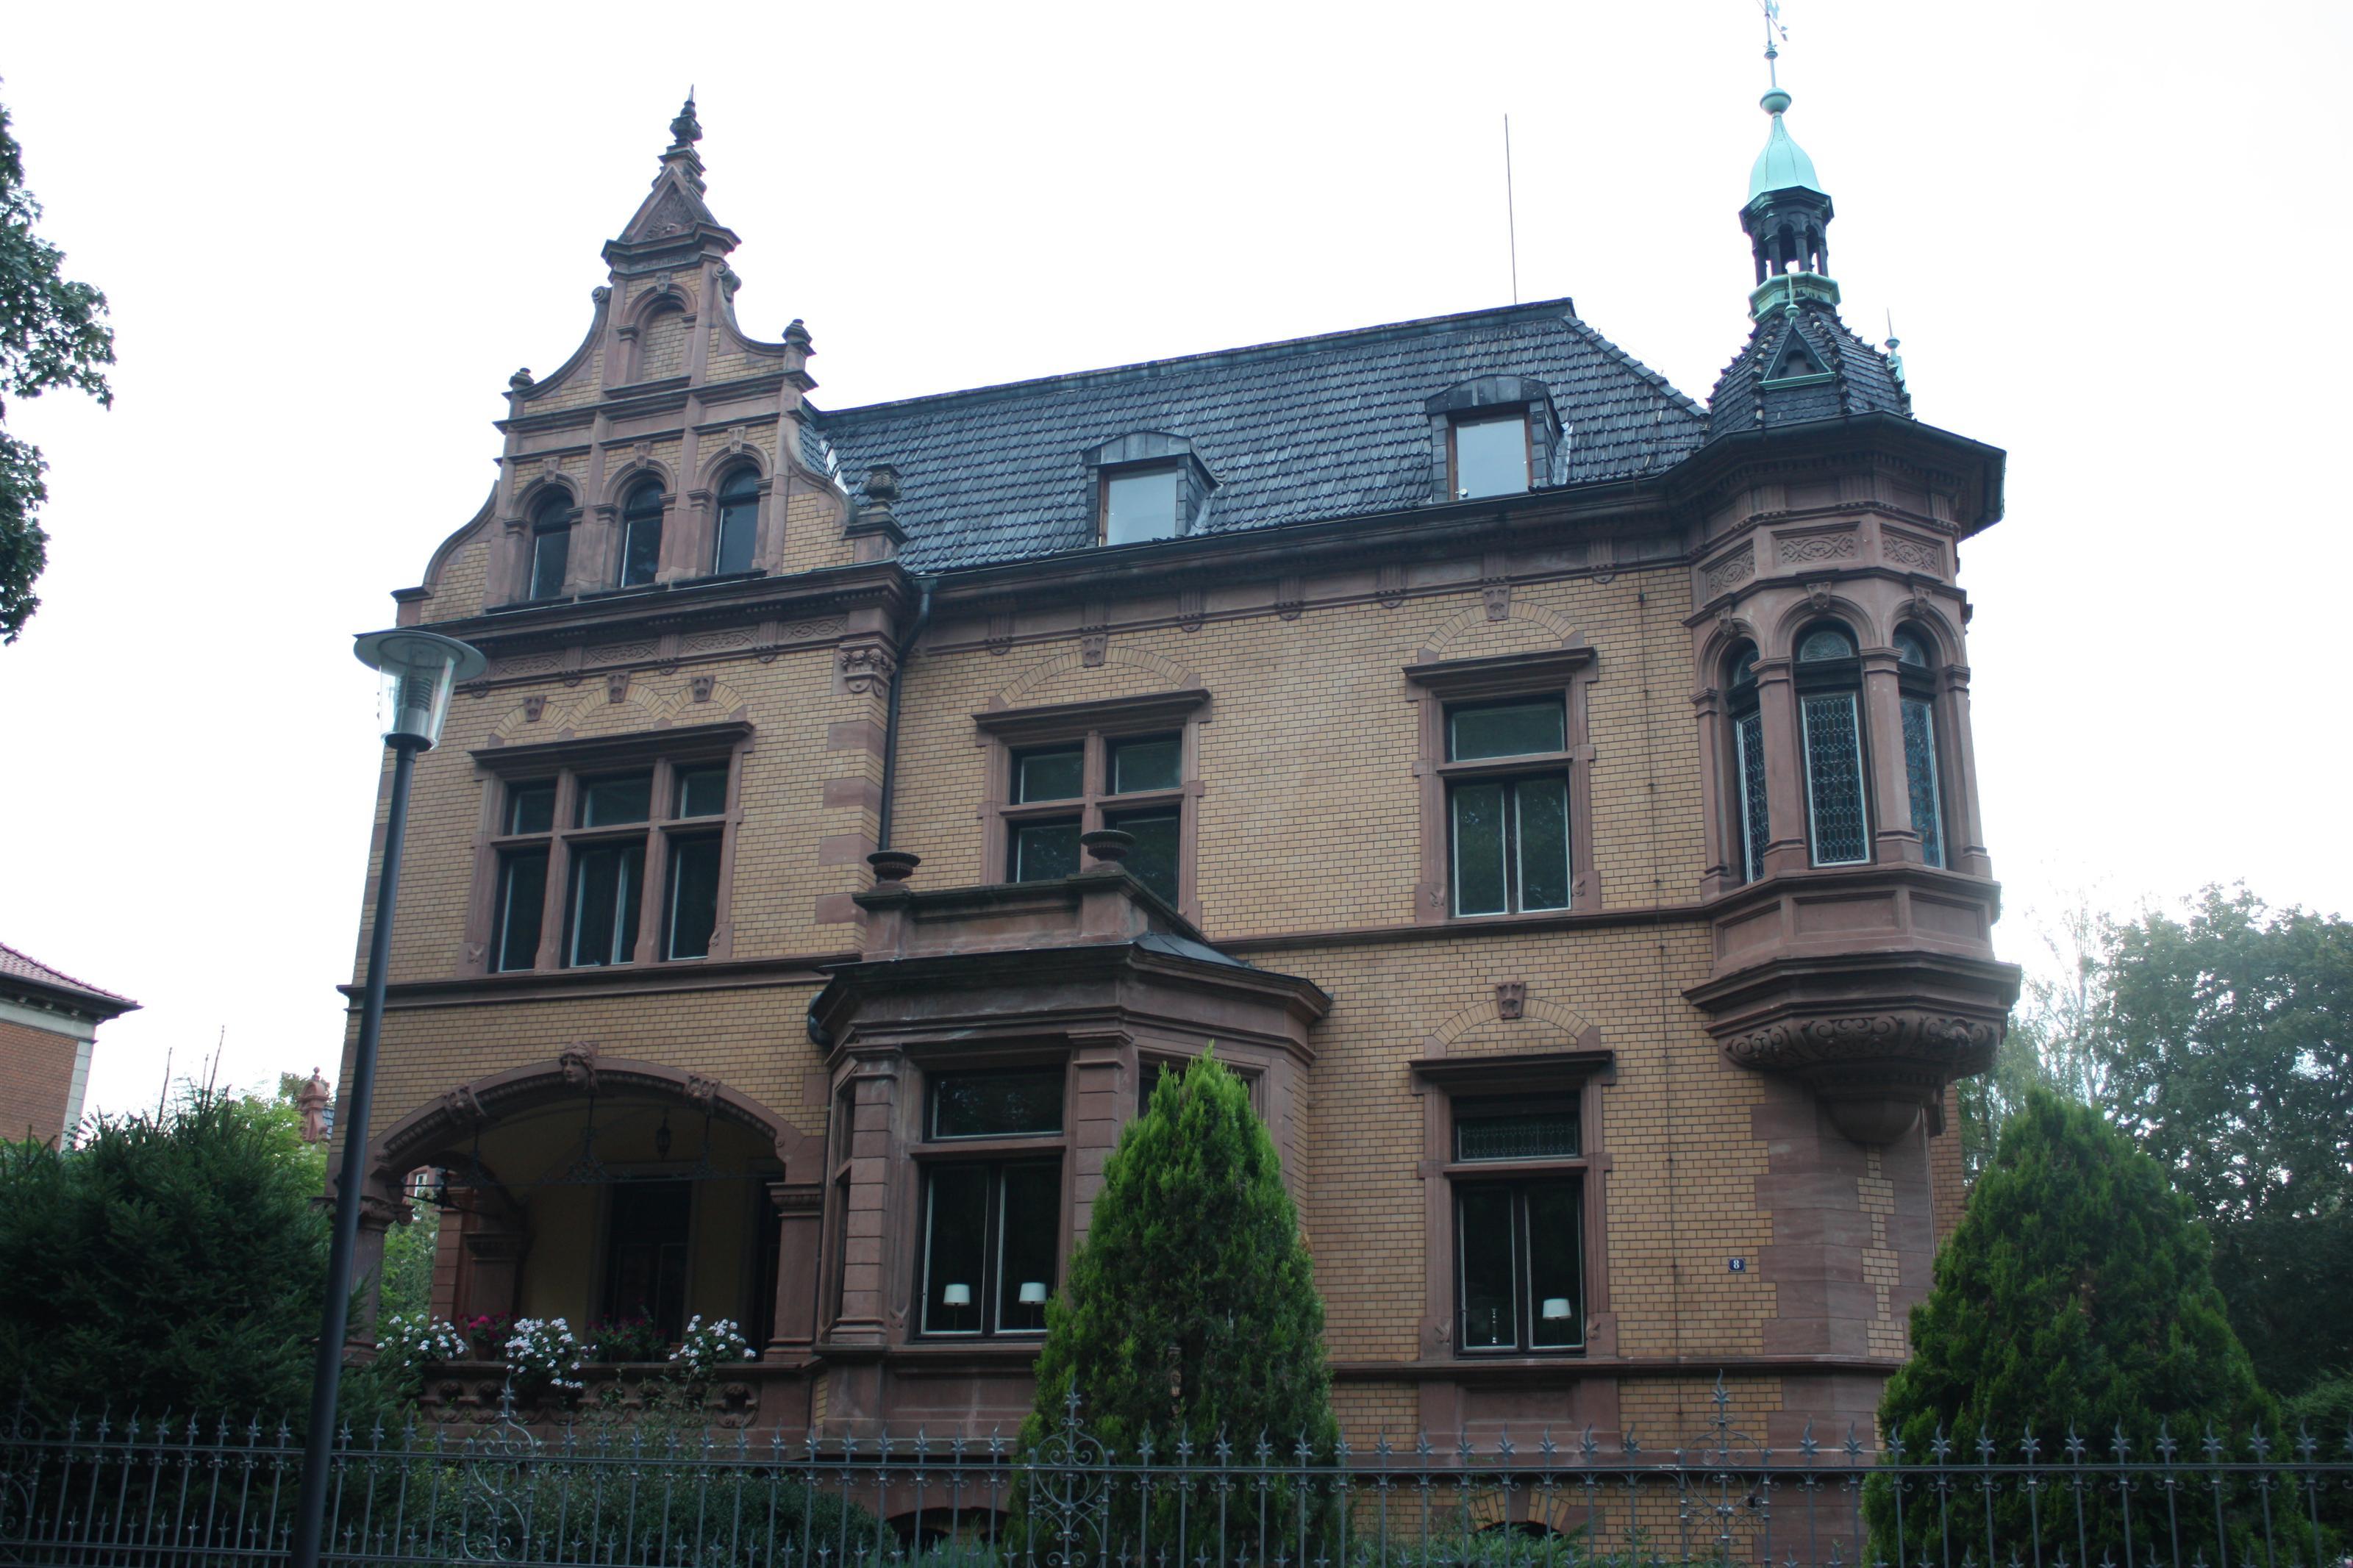 Brühlstraße 8 (Quedlinburg)